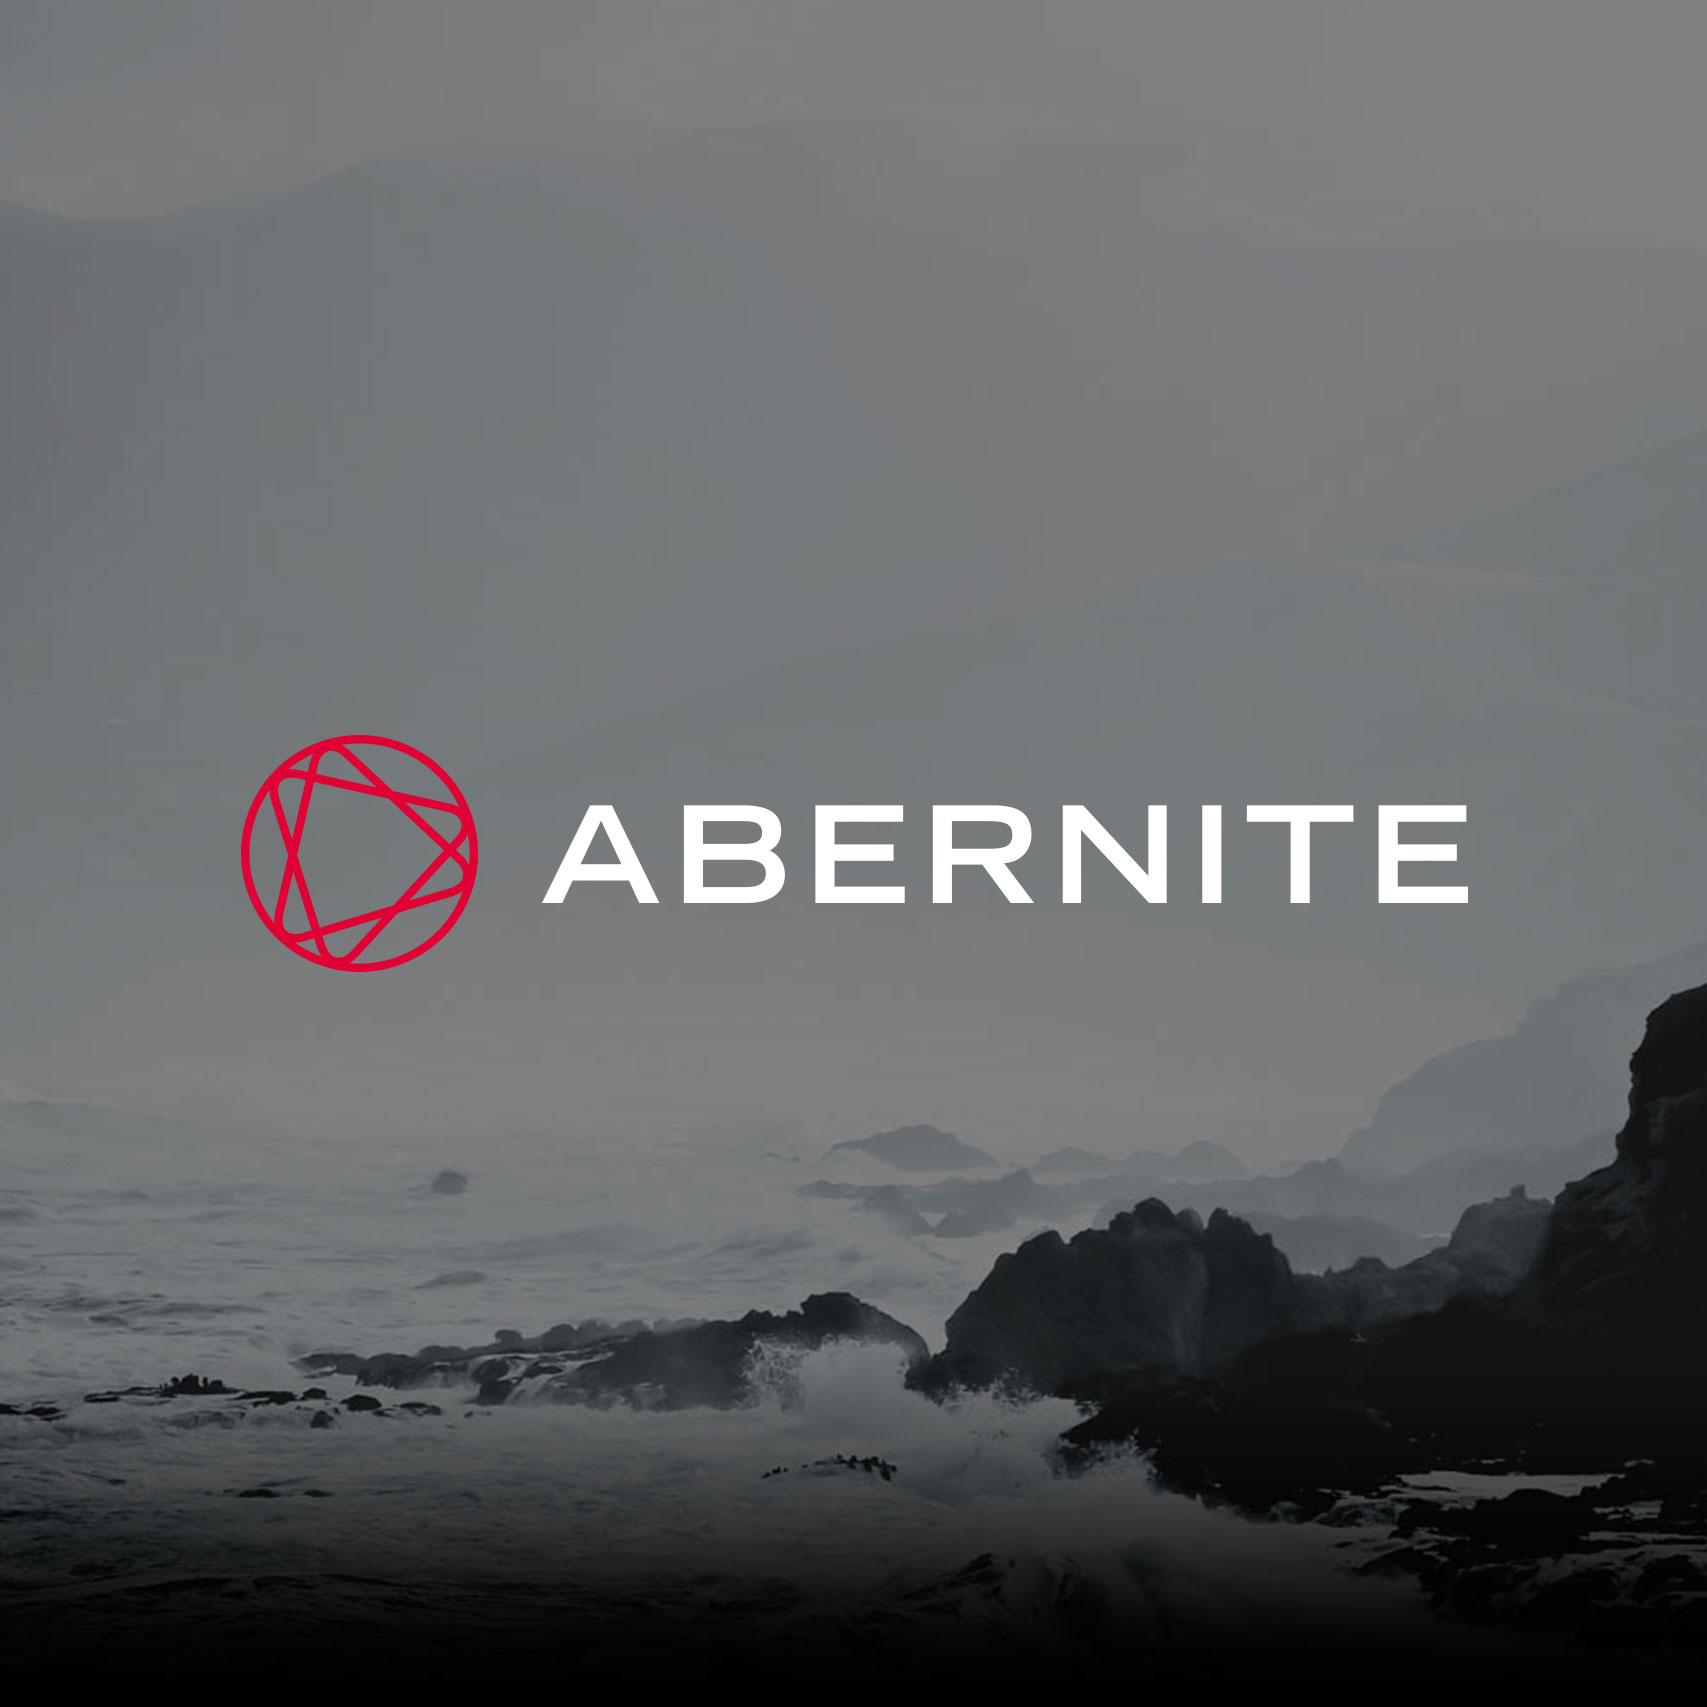 Modern logo design for Abernite London